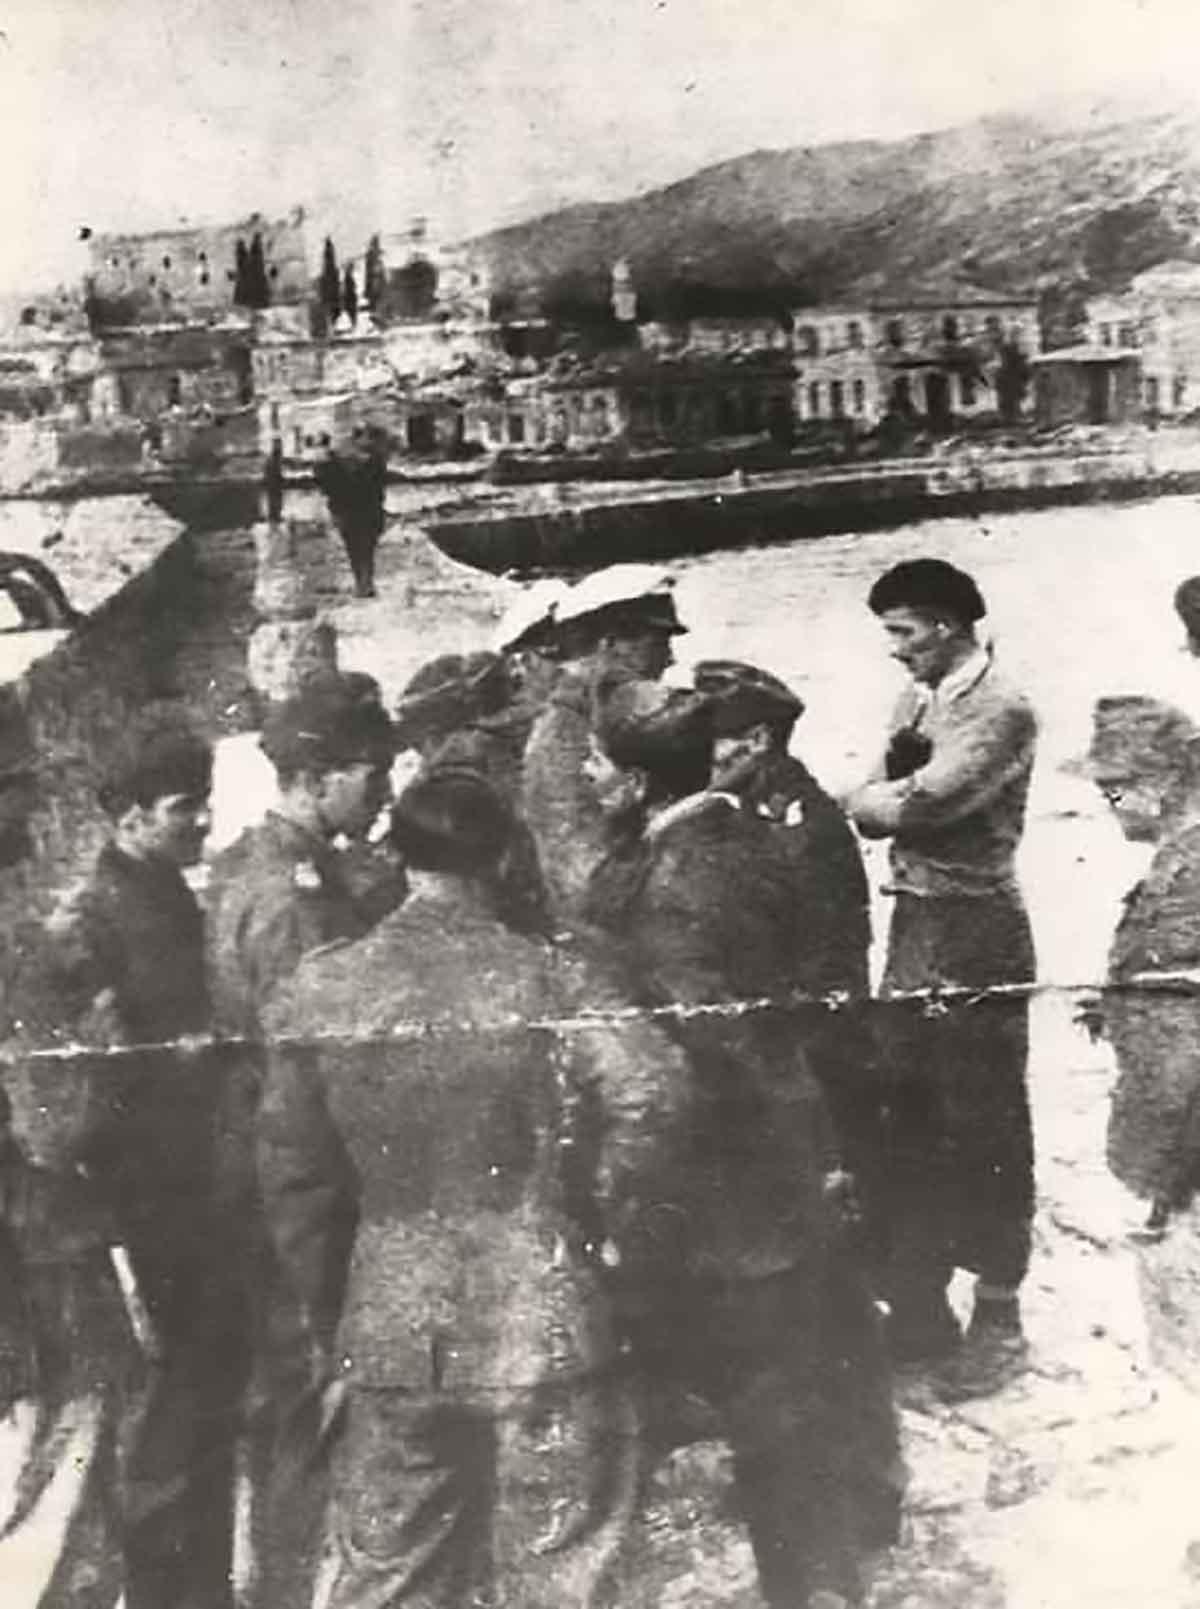 Gli italiani respingono la richiesta tedesca di resa, Isola di Samo